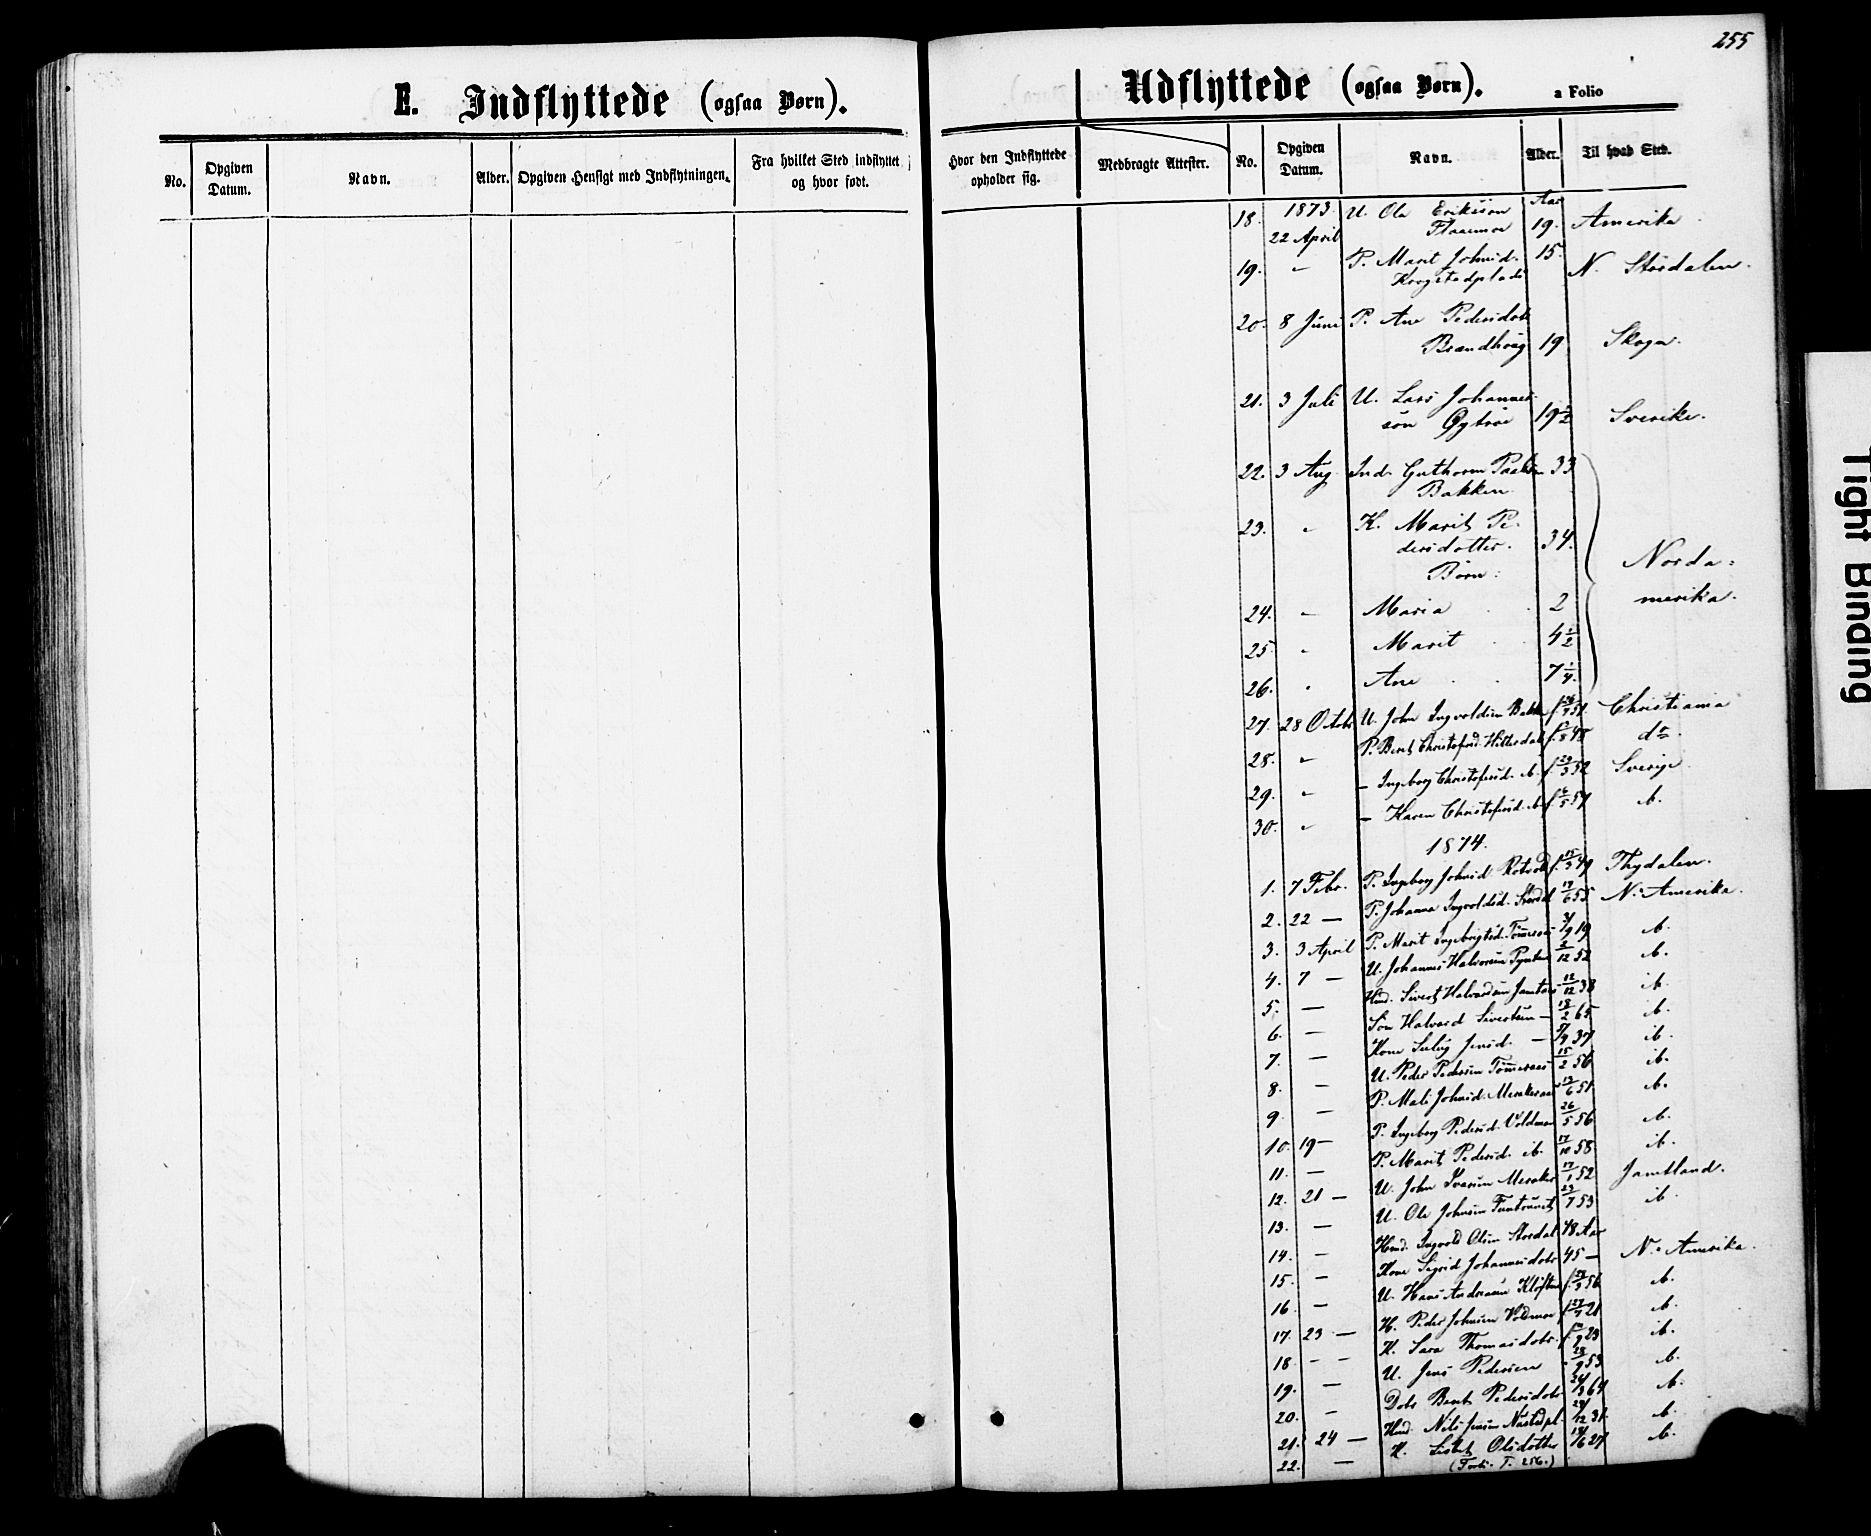 SAT, Ministerialprotokoller, klokkerbøker og fødselsregistre - Nord-Trøndelag, 706/L0049: Klokkerbok nr. 706C01, 1864-1895, s. 255